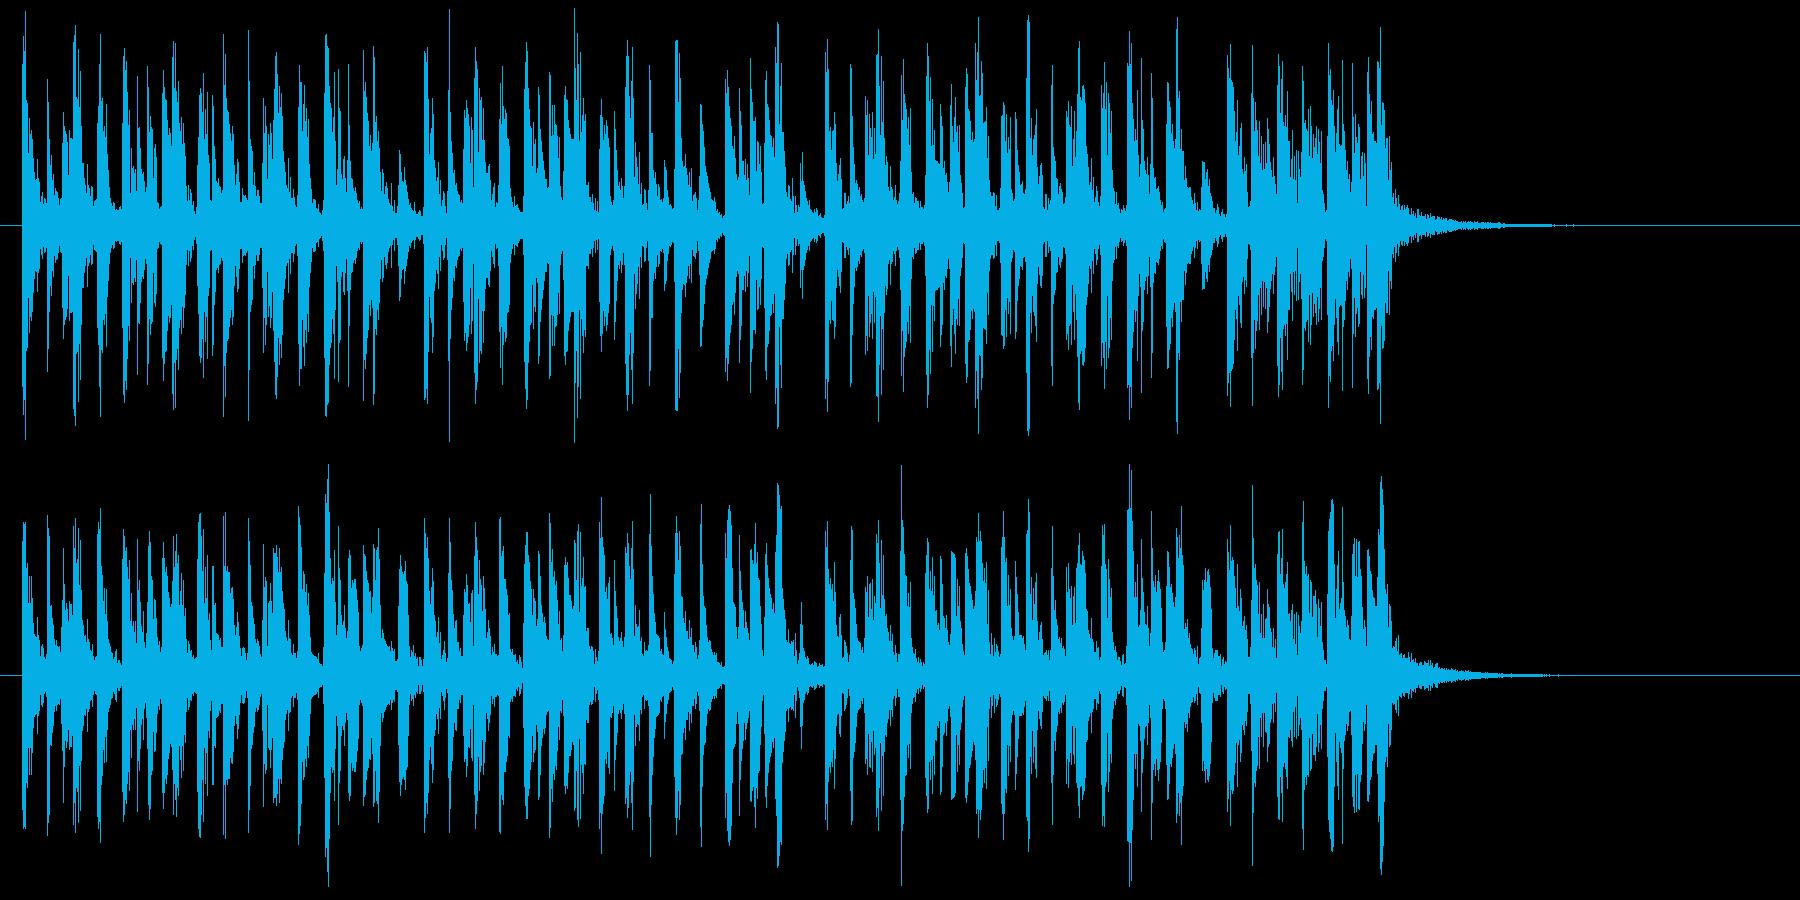 軽快で不思議なシンセジングルの再生済みの波形